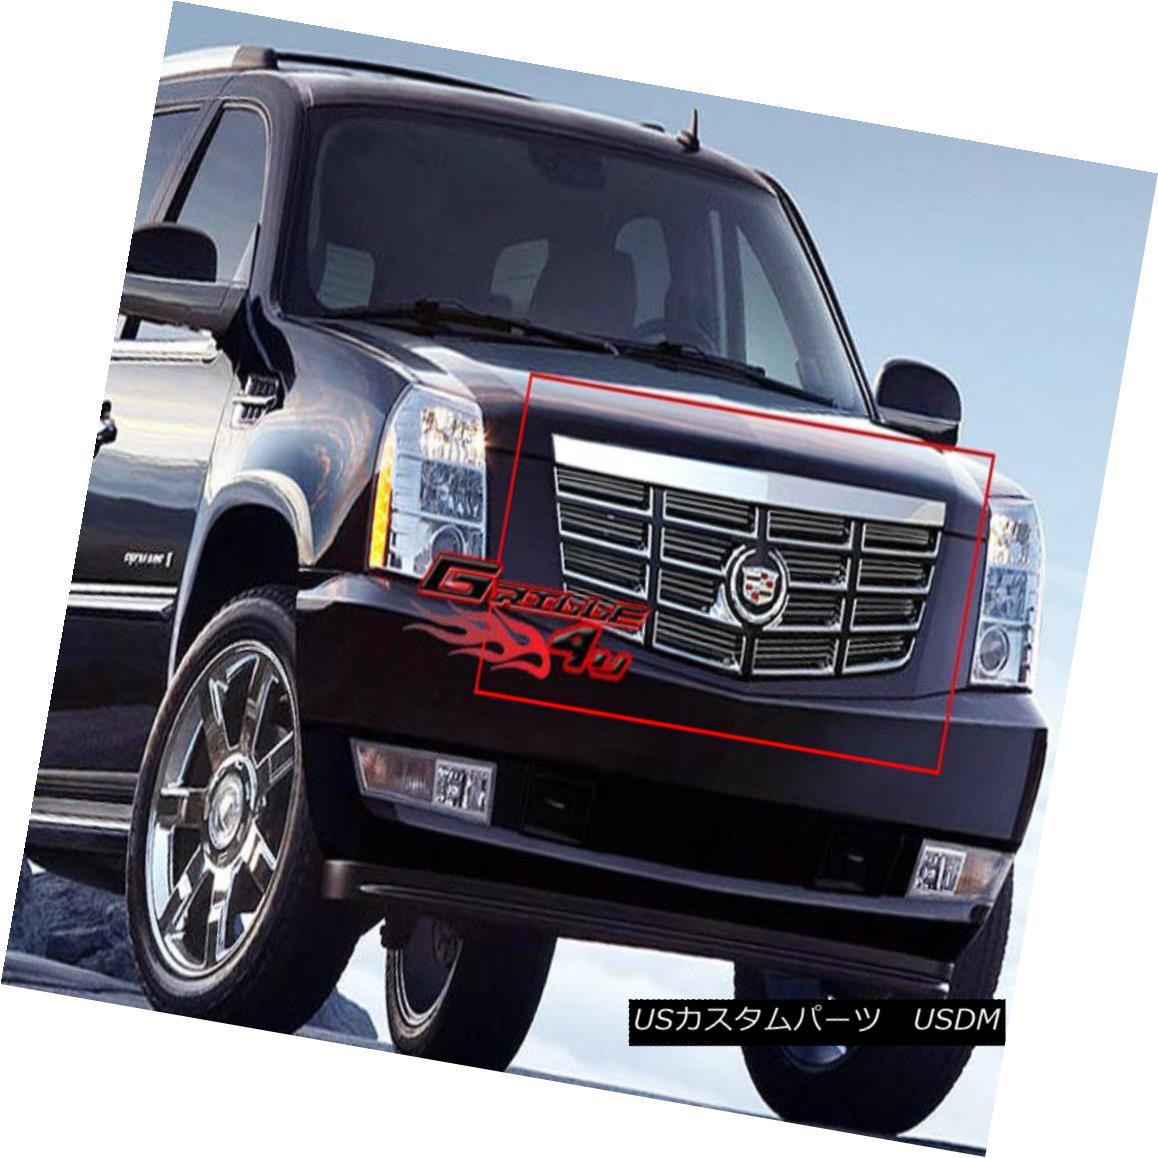 グリル Fits 2008-2014 Cadillac Escalade Main Upper Billet Grille Grill Insert フィット2008-2014キャデラックエスカレードメインアッパービレットグリルグリルインサート